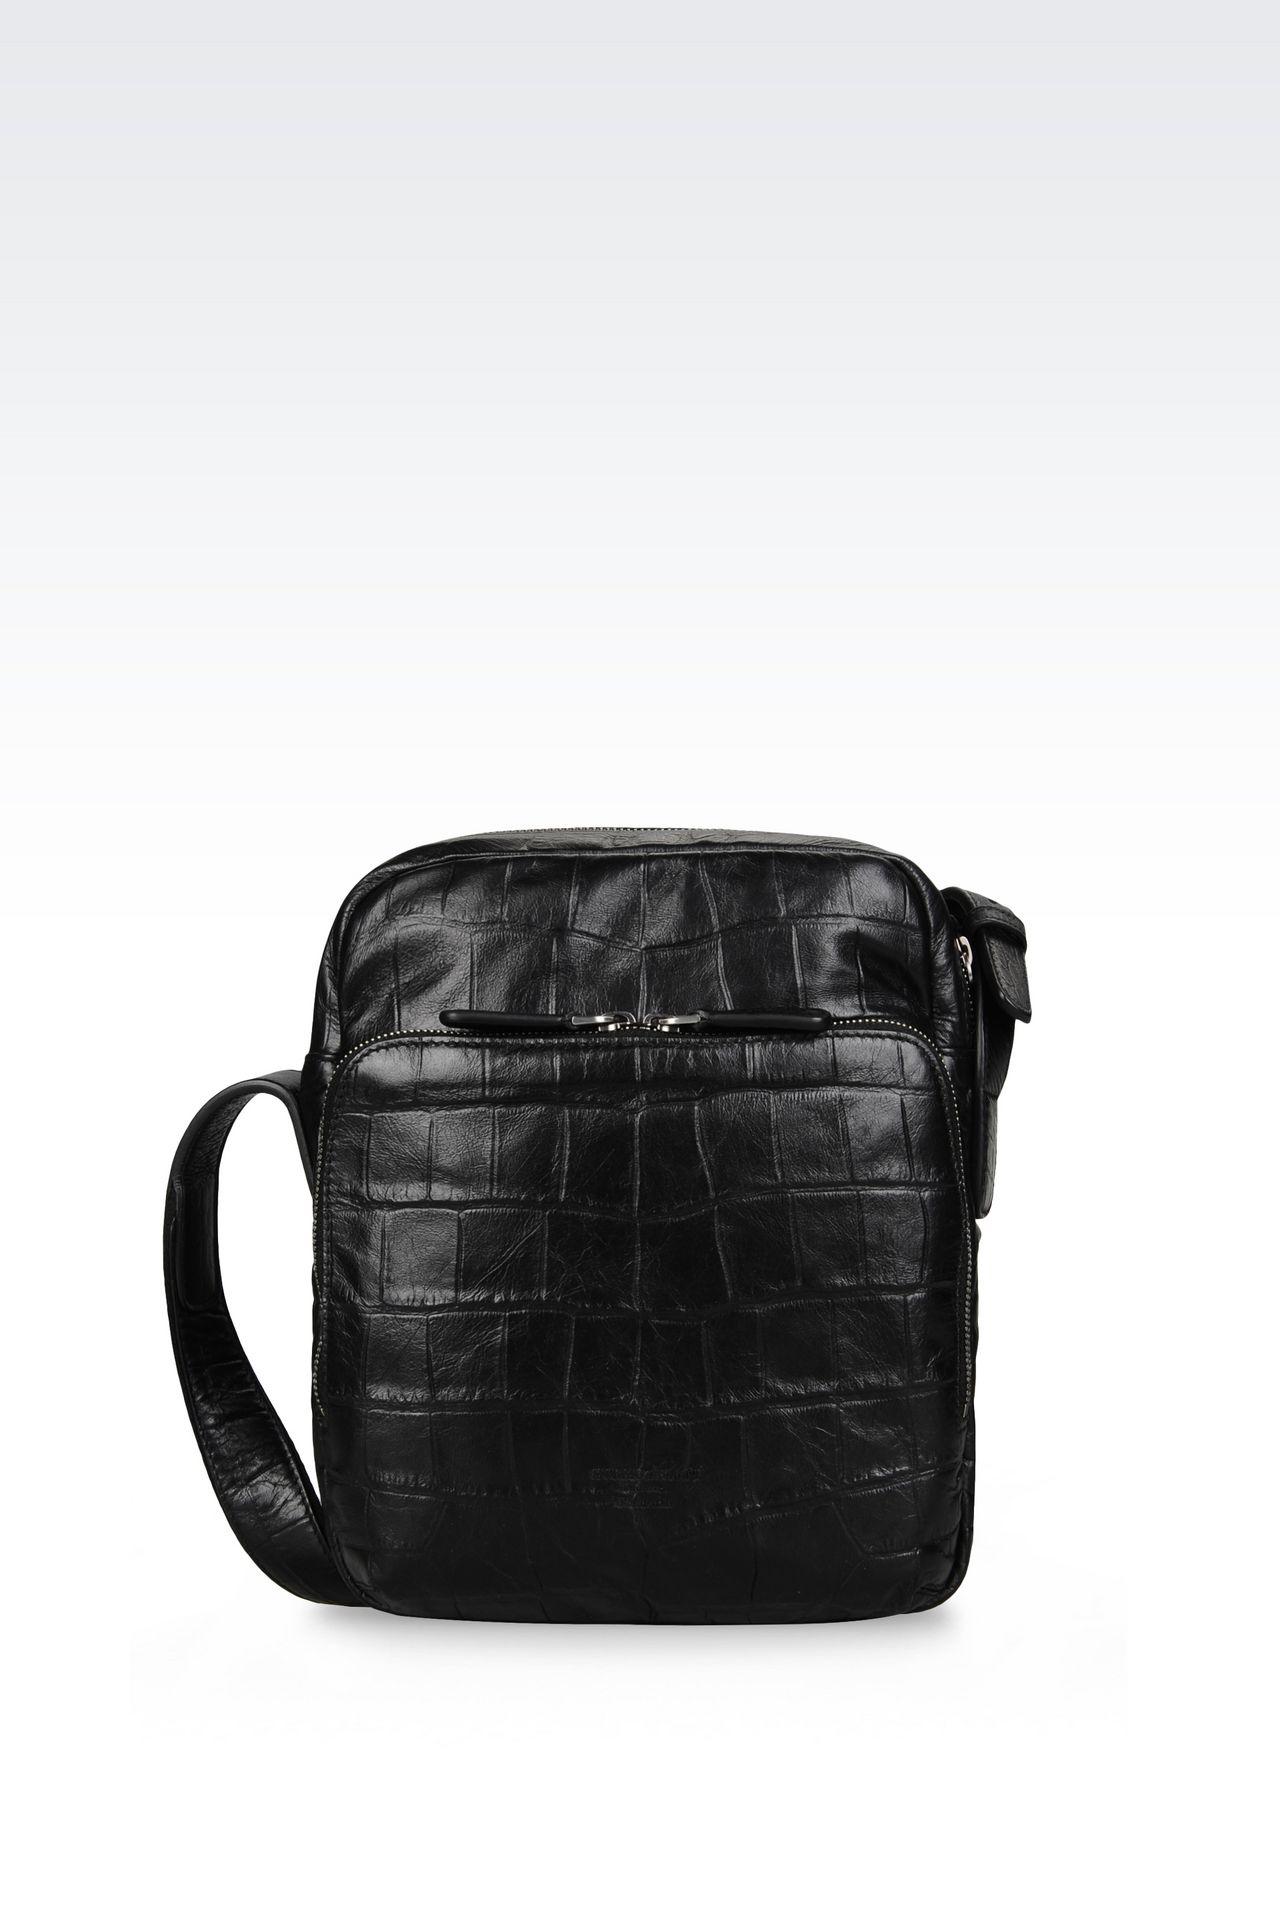 カーフスキン製クロスボディバッグ クロコダイルプリント: メッセンジャーバッグ メンズ by Armani - 0